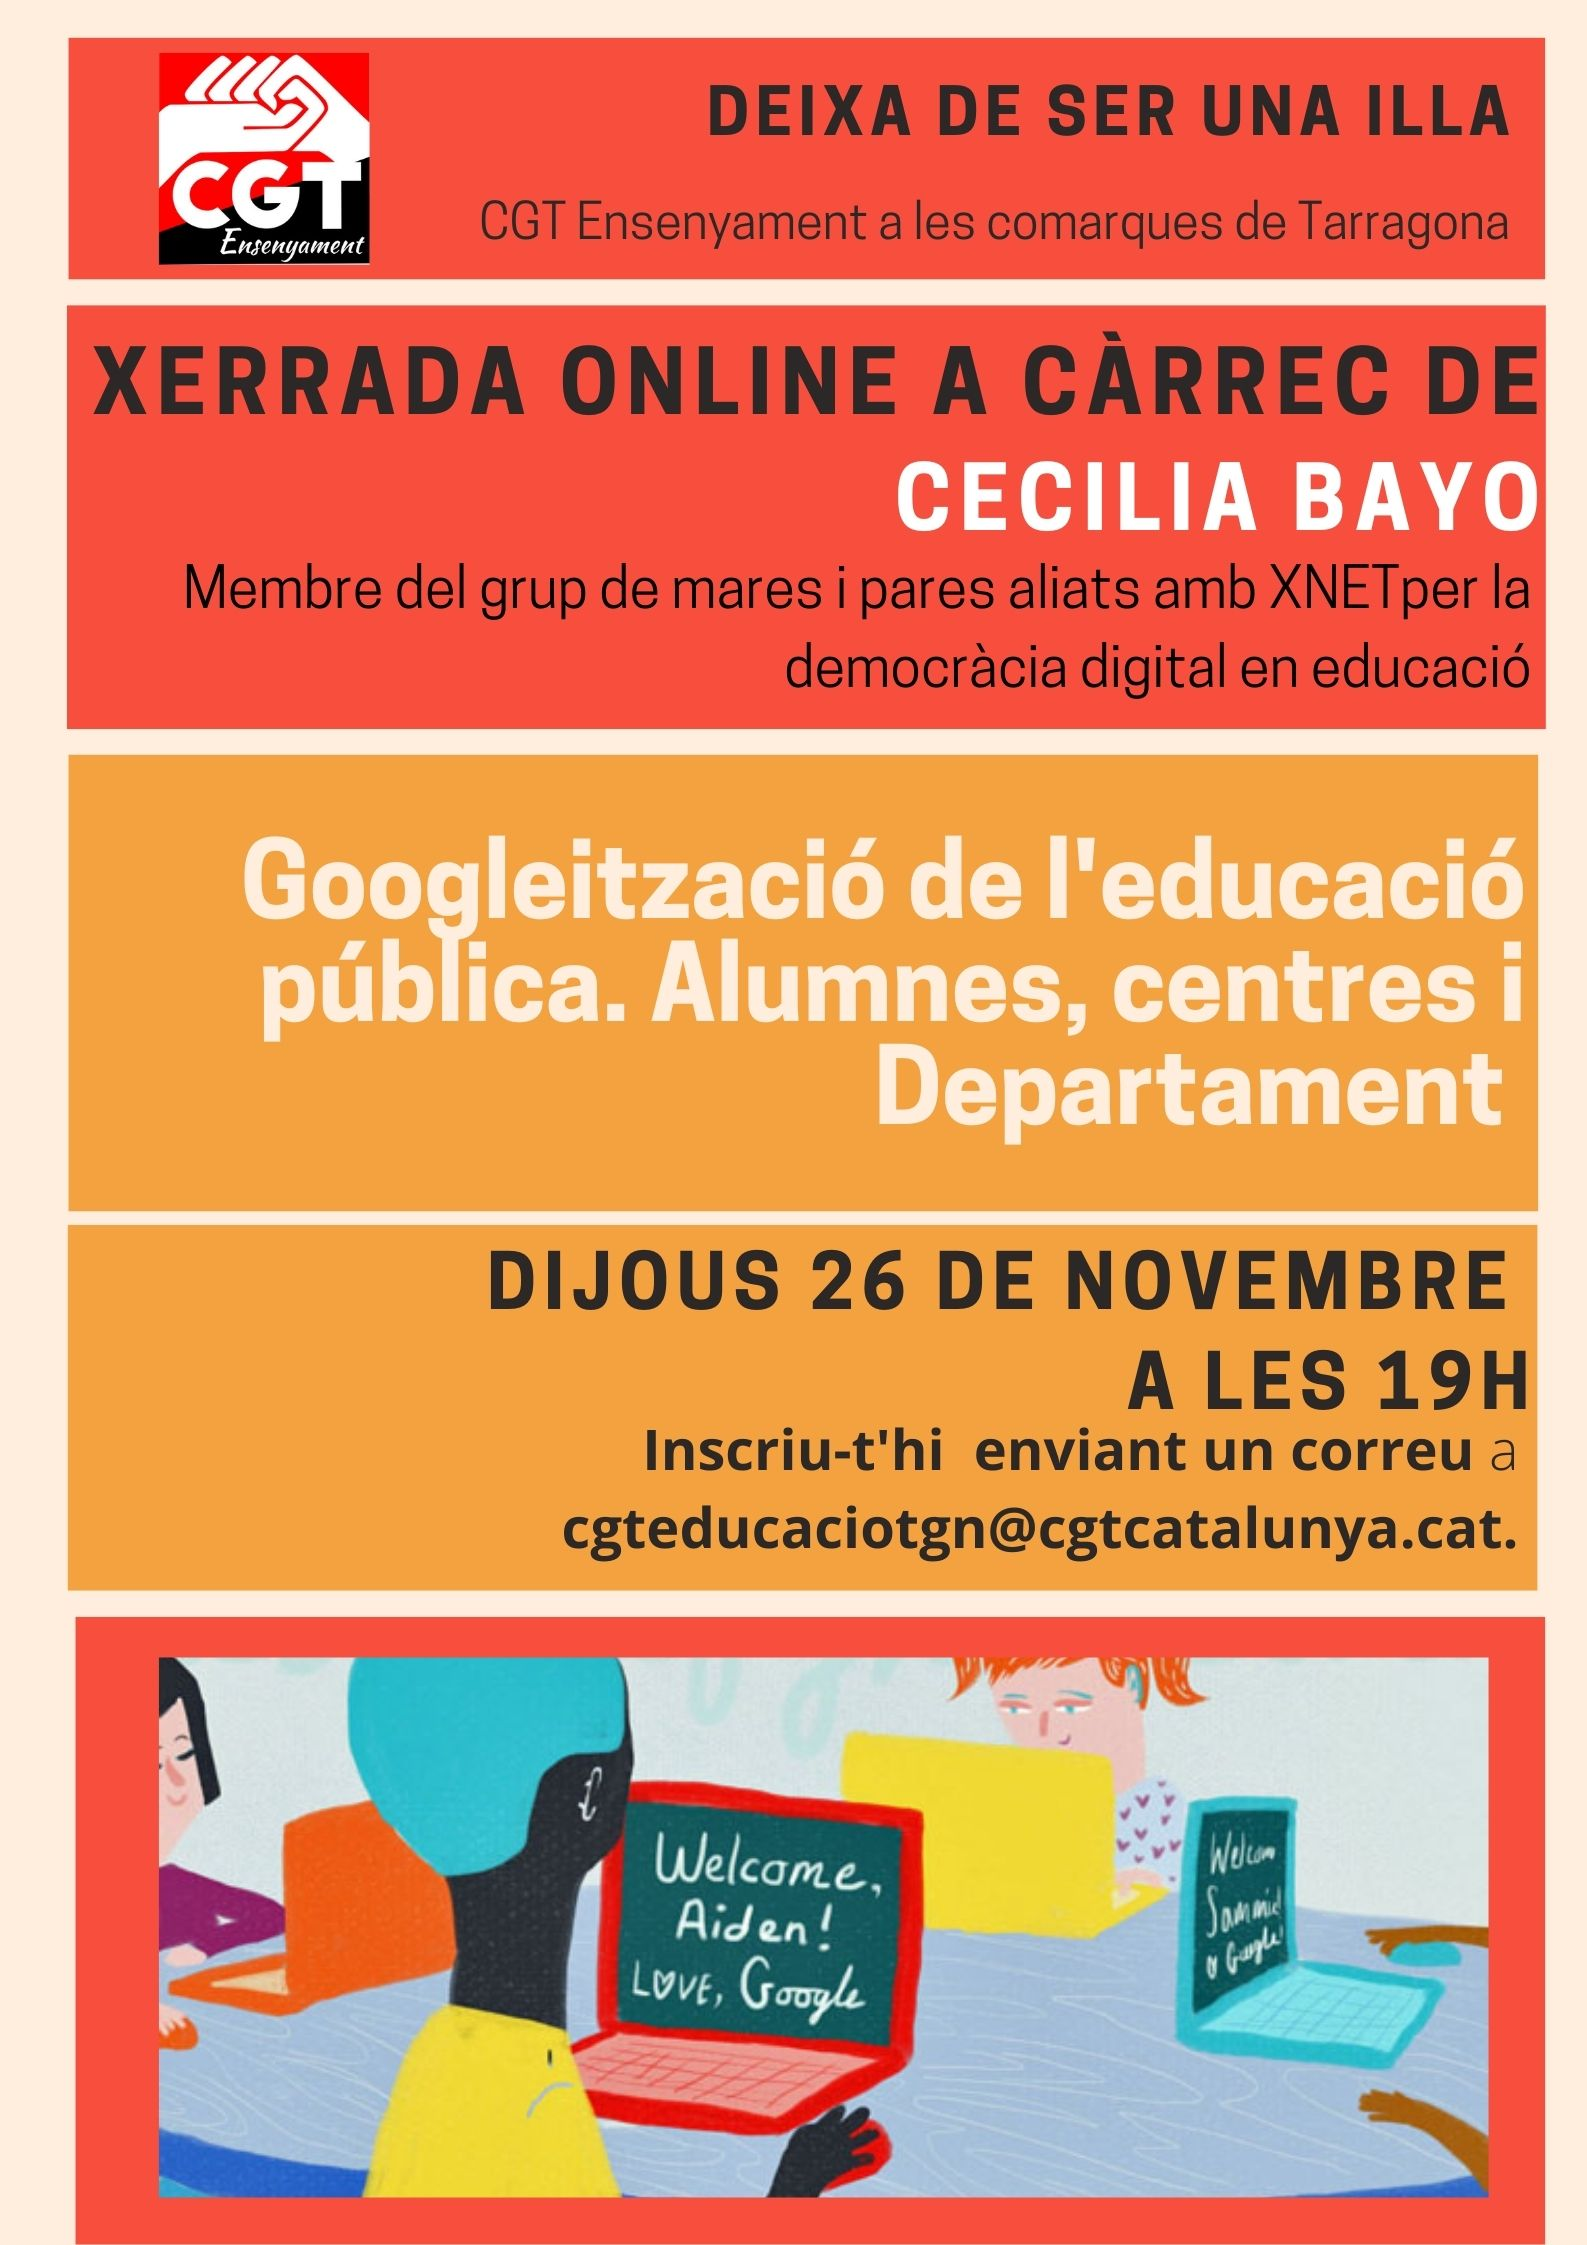 la_googleitzacio_de_l_educacio_publica.jpg